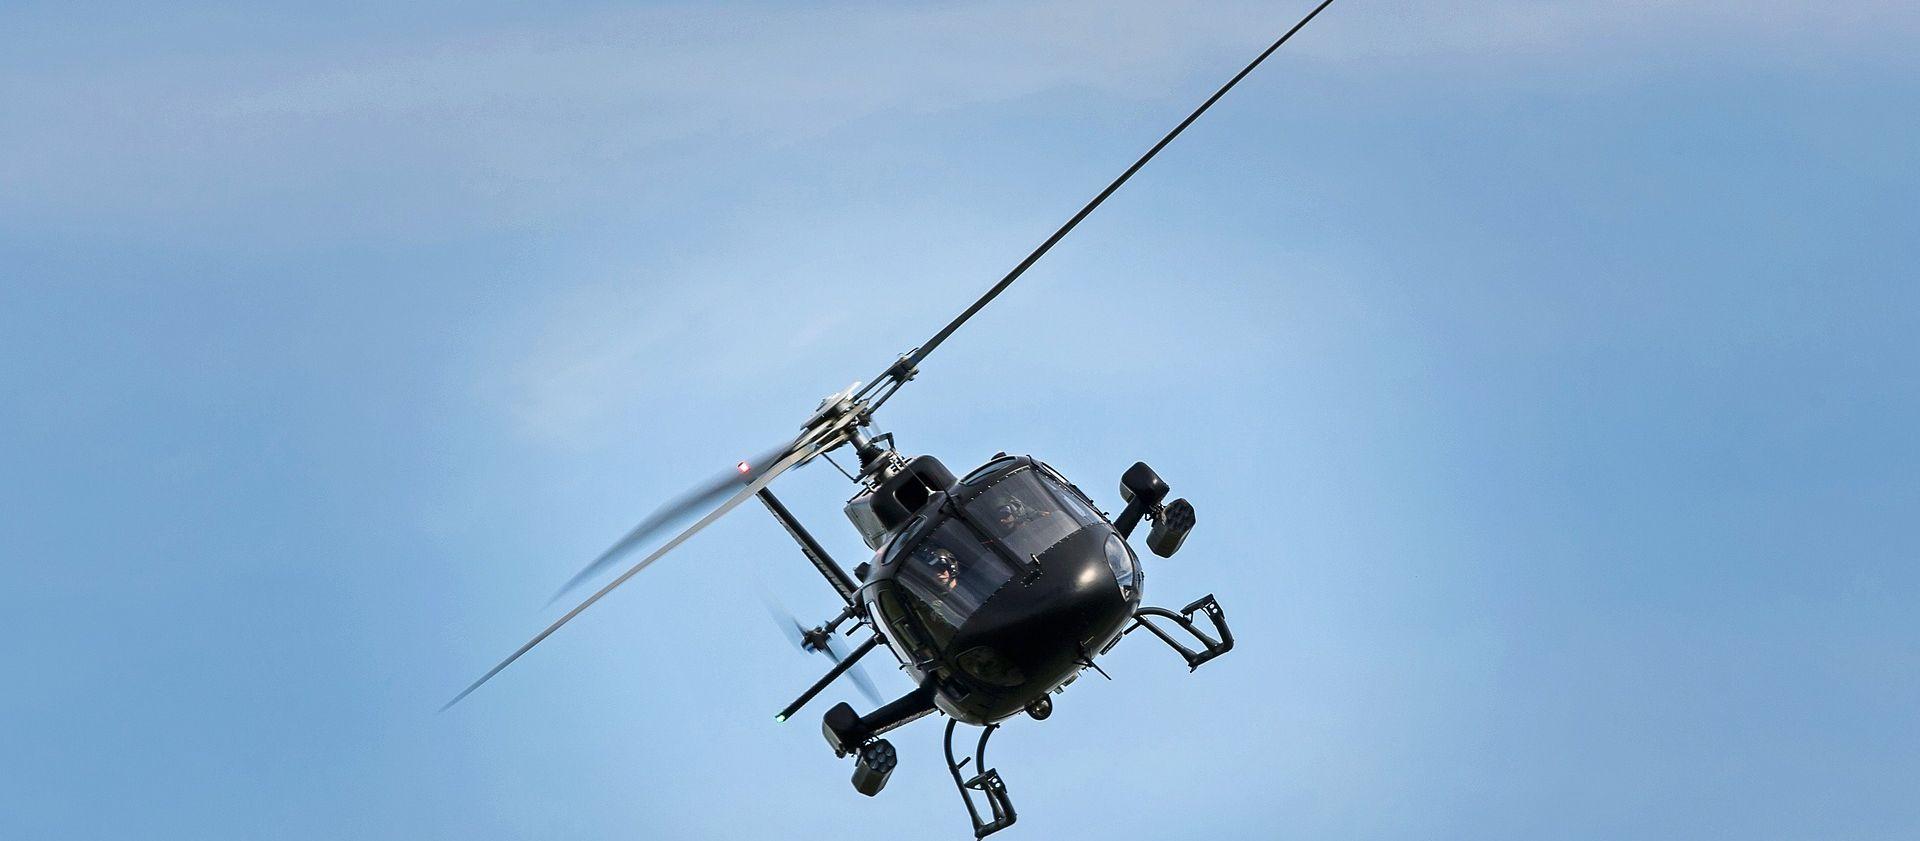 OREGON Muškarac pokušao ukrasti helikopter, policija ga ubila